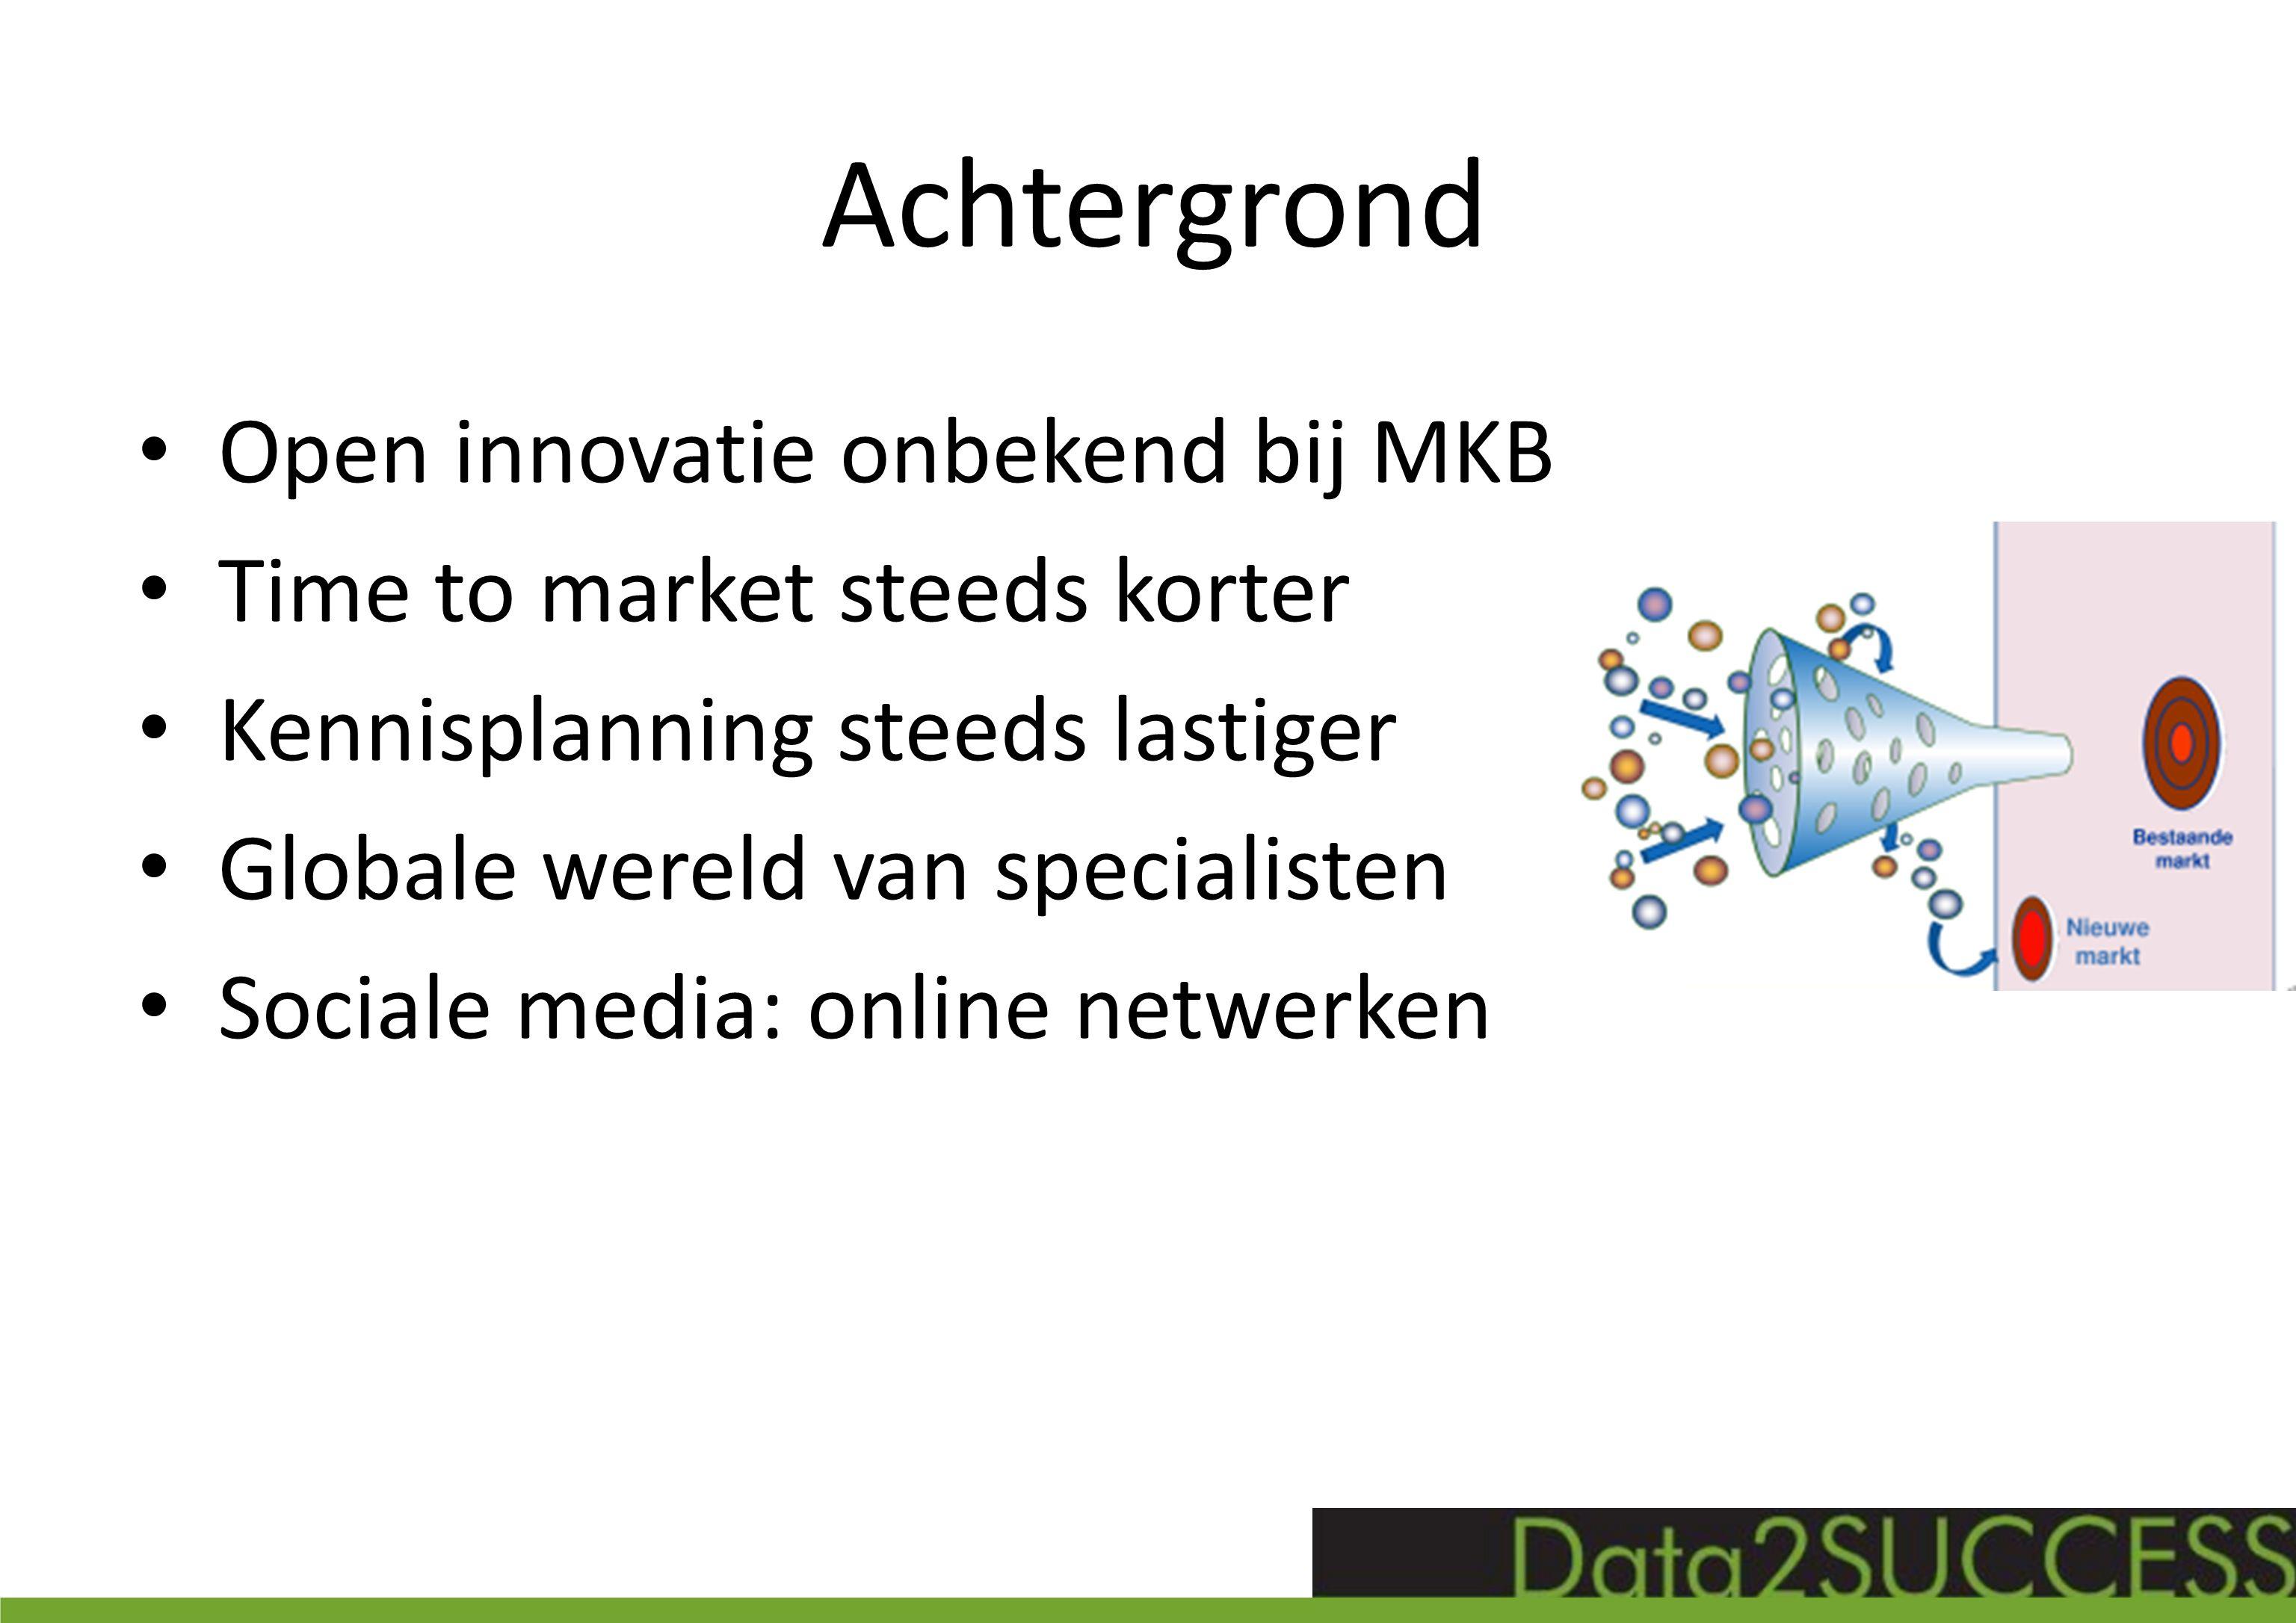 Achtergrond Open innovatie onbekend bij MKB Time to market steeds korter Kennisplanning steeds lastiger Globale wereld van specialisten Sociale media: online netwerken